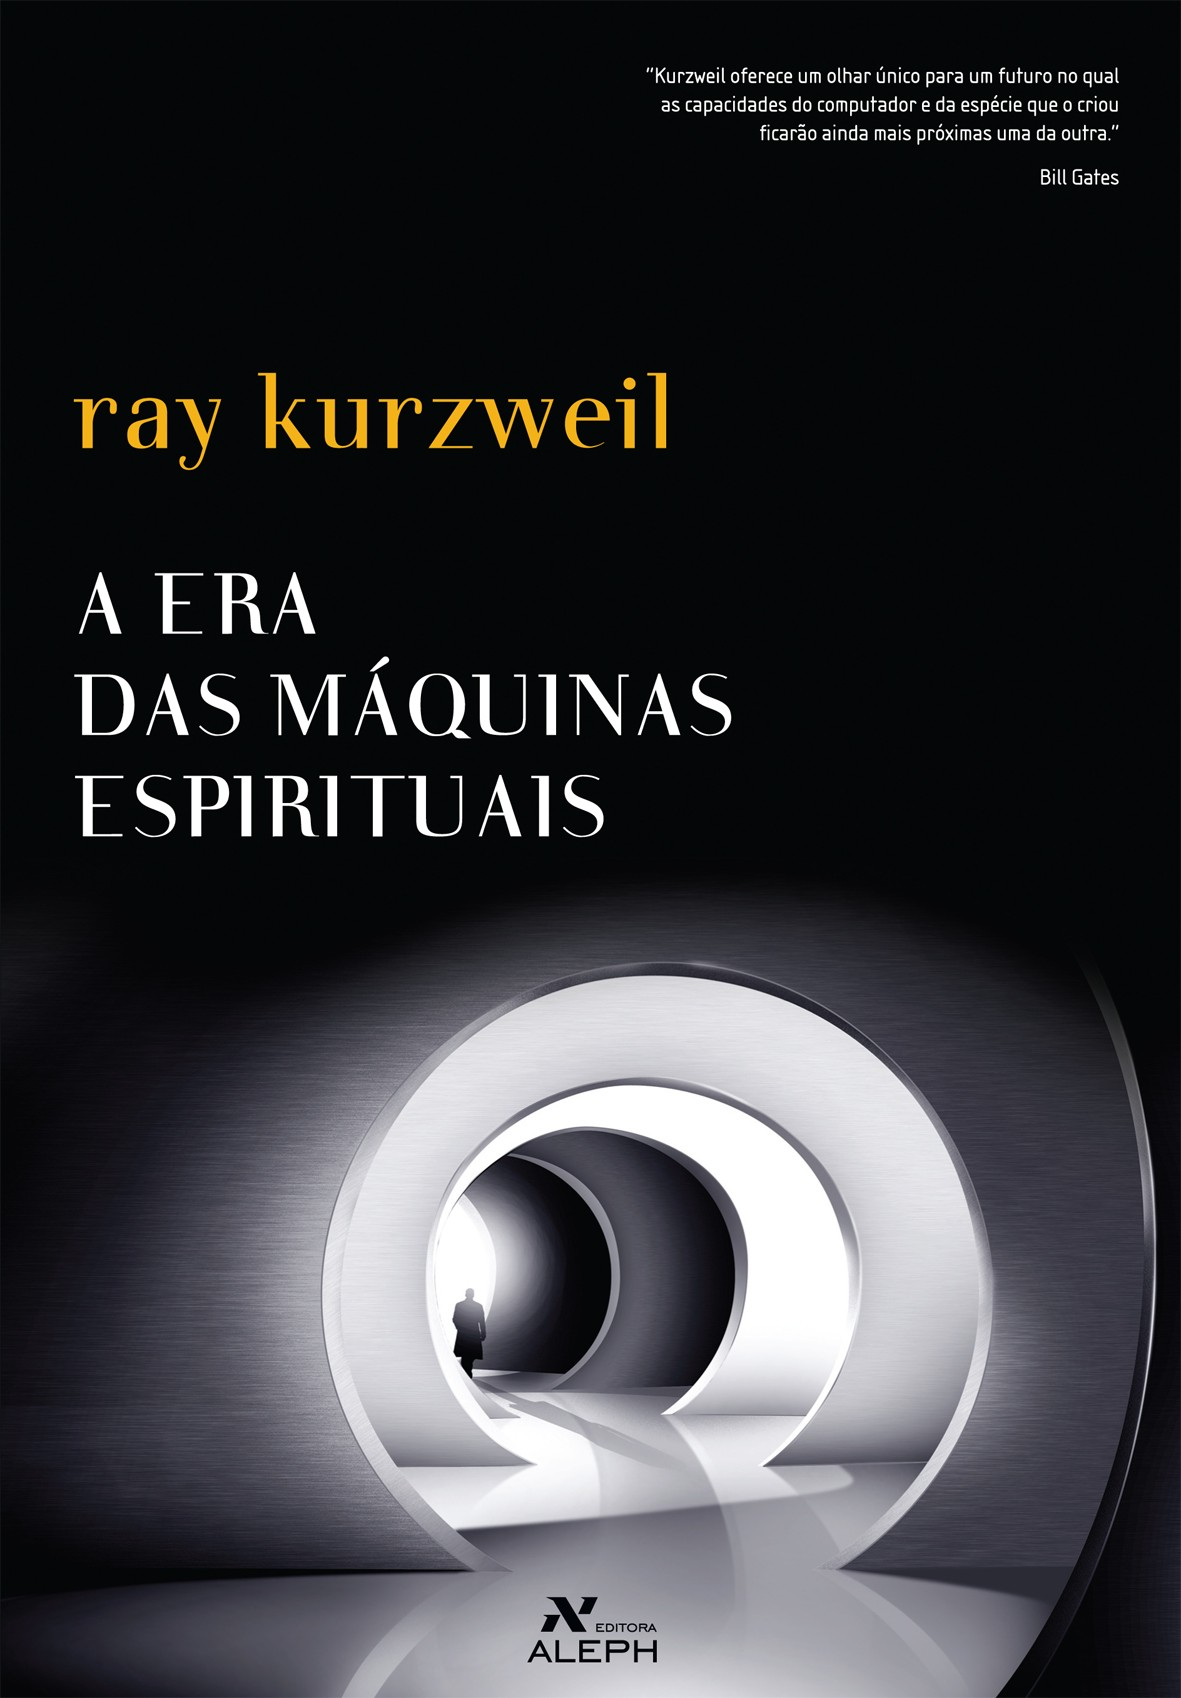 A Era Das Máquinas Espirituais